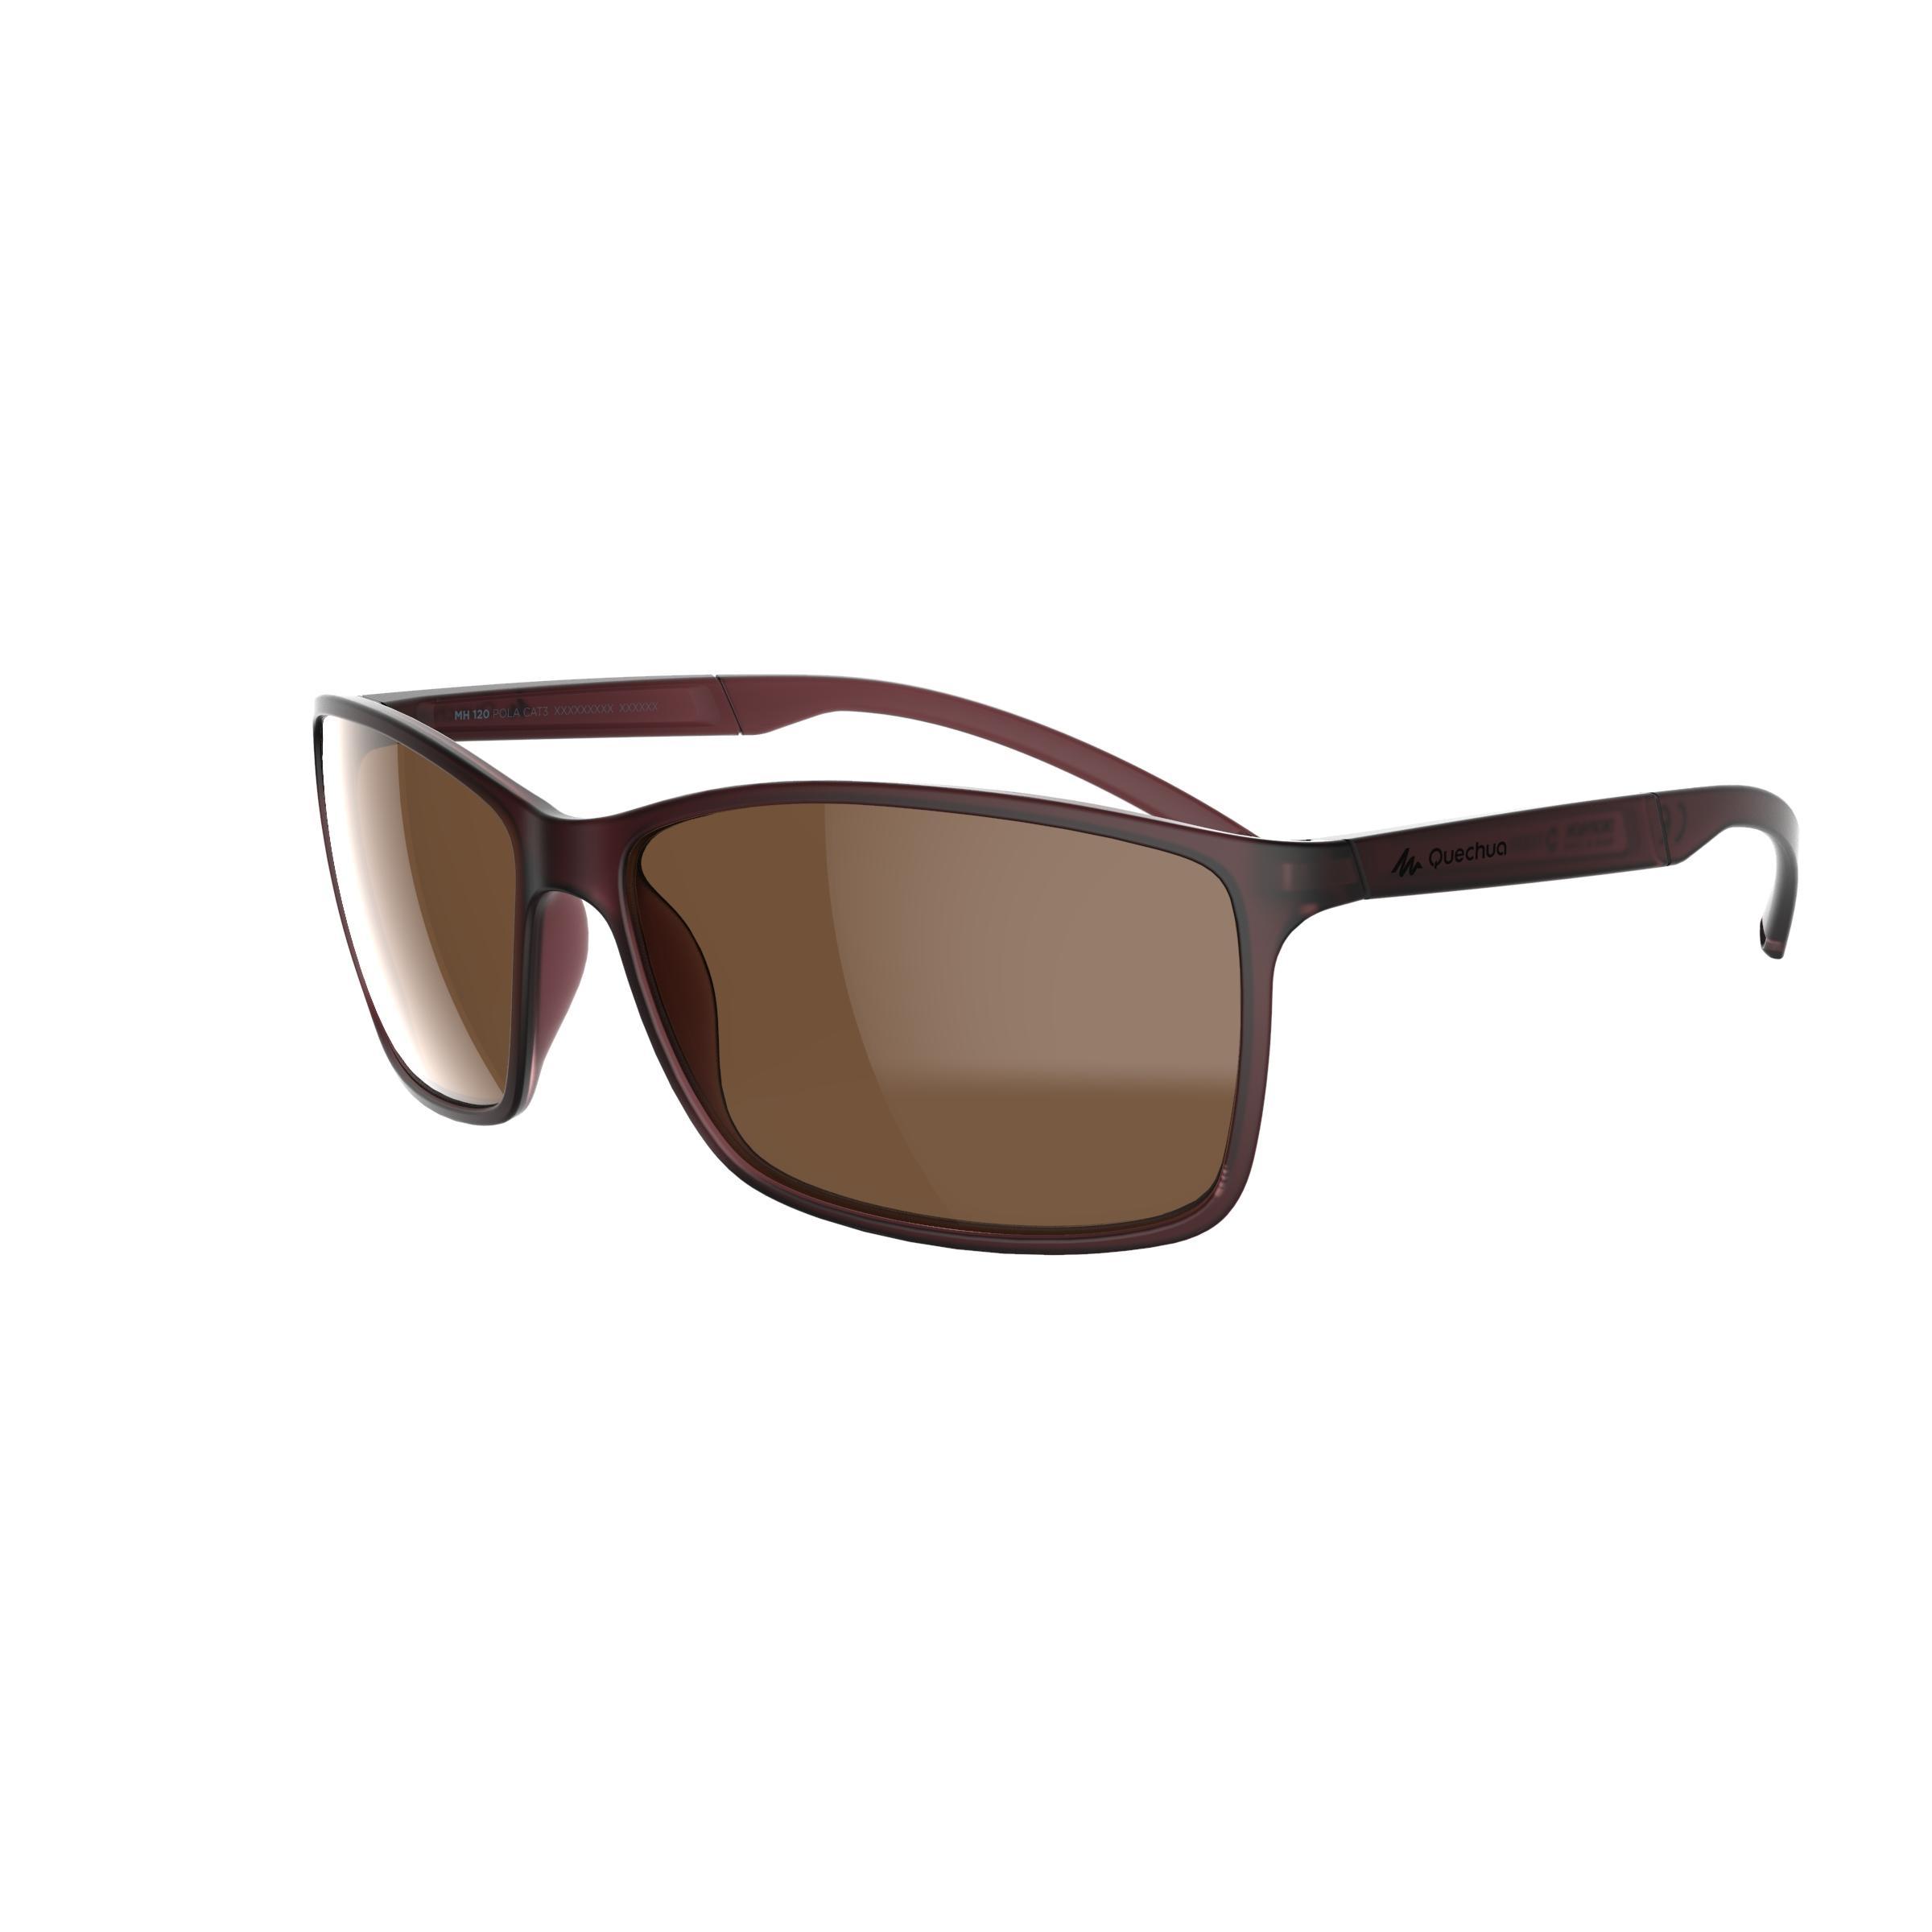 Quechua Wandelzonnebril MH120 categorie 3 kopen? Sport>Sportbrillen>Zonnebrillen met voordeel vind je hier